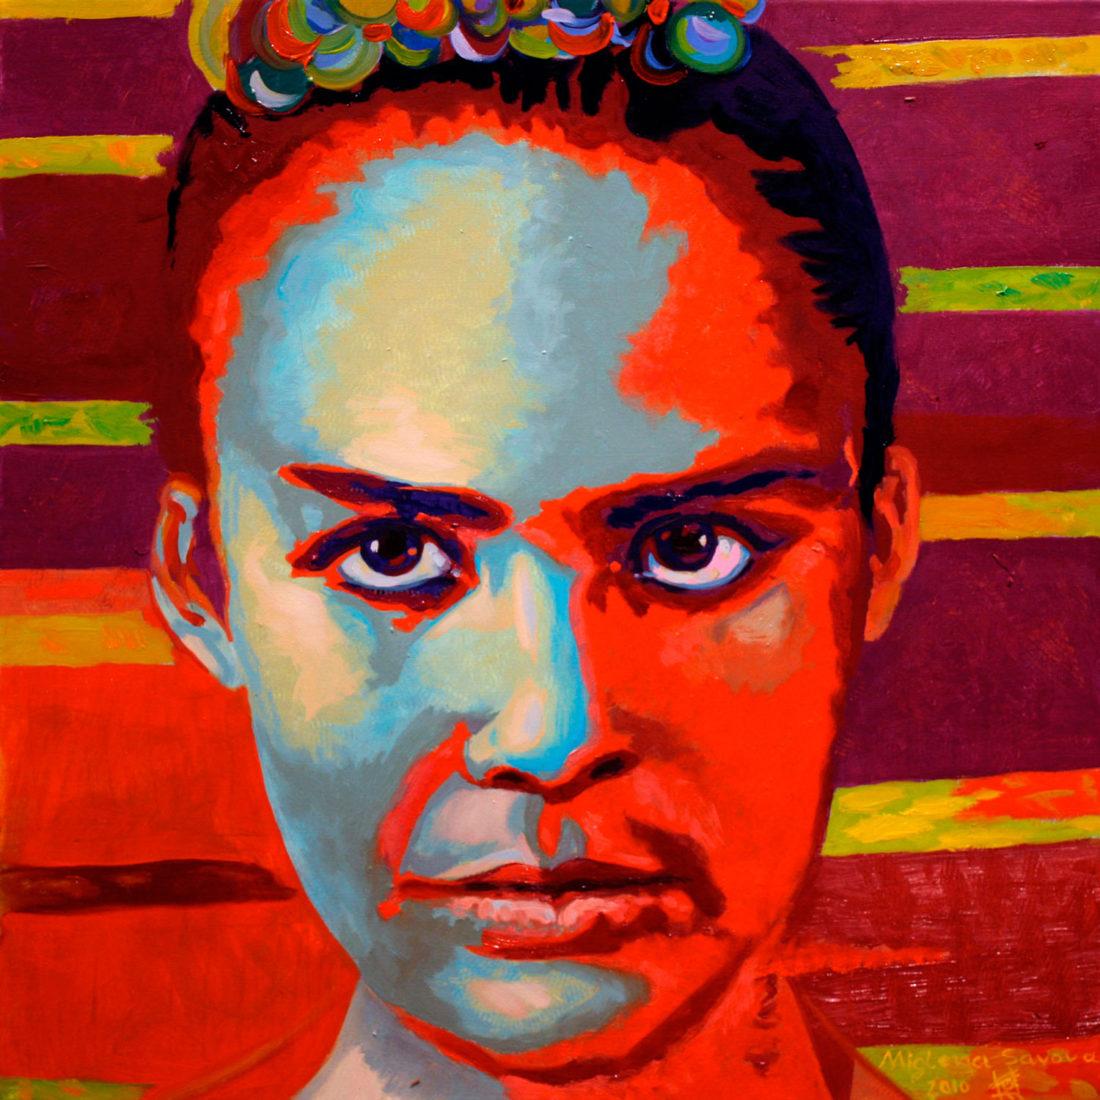 mona lisa II, 2010, 50 x 50 cm